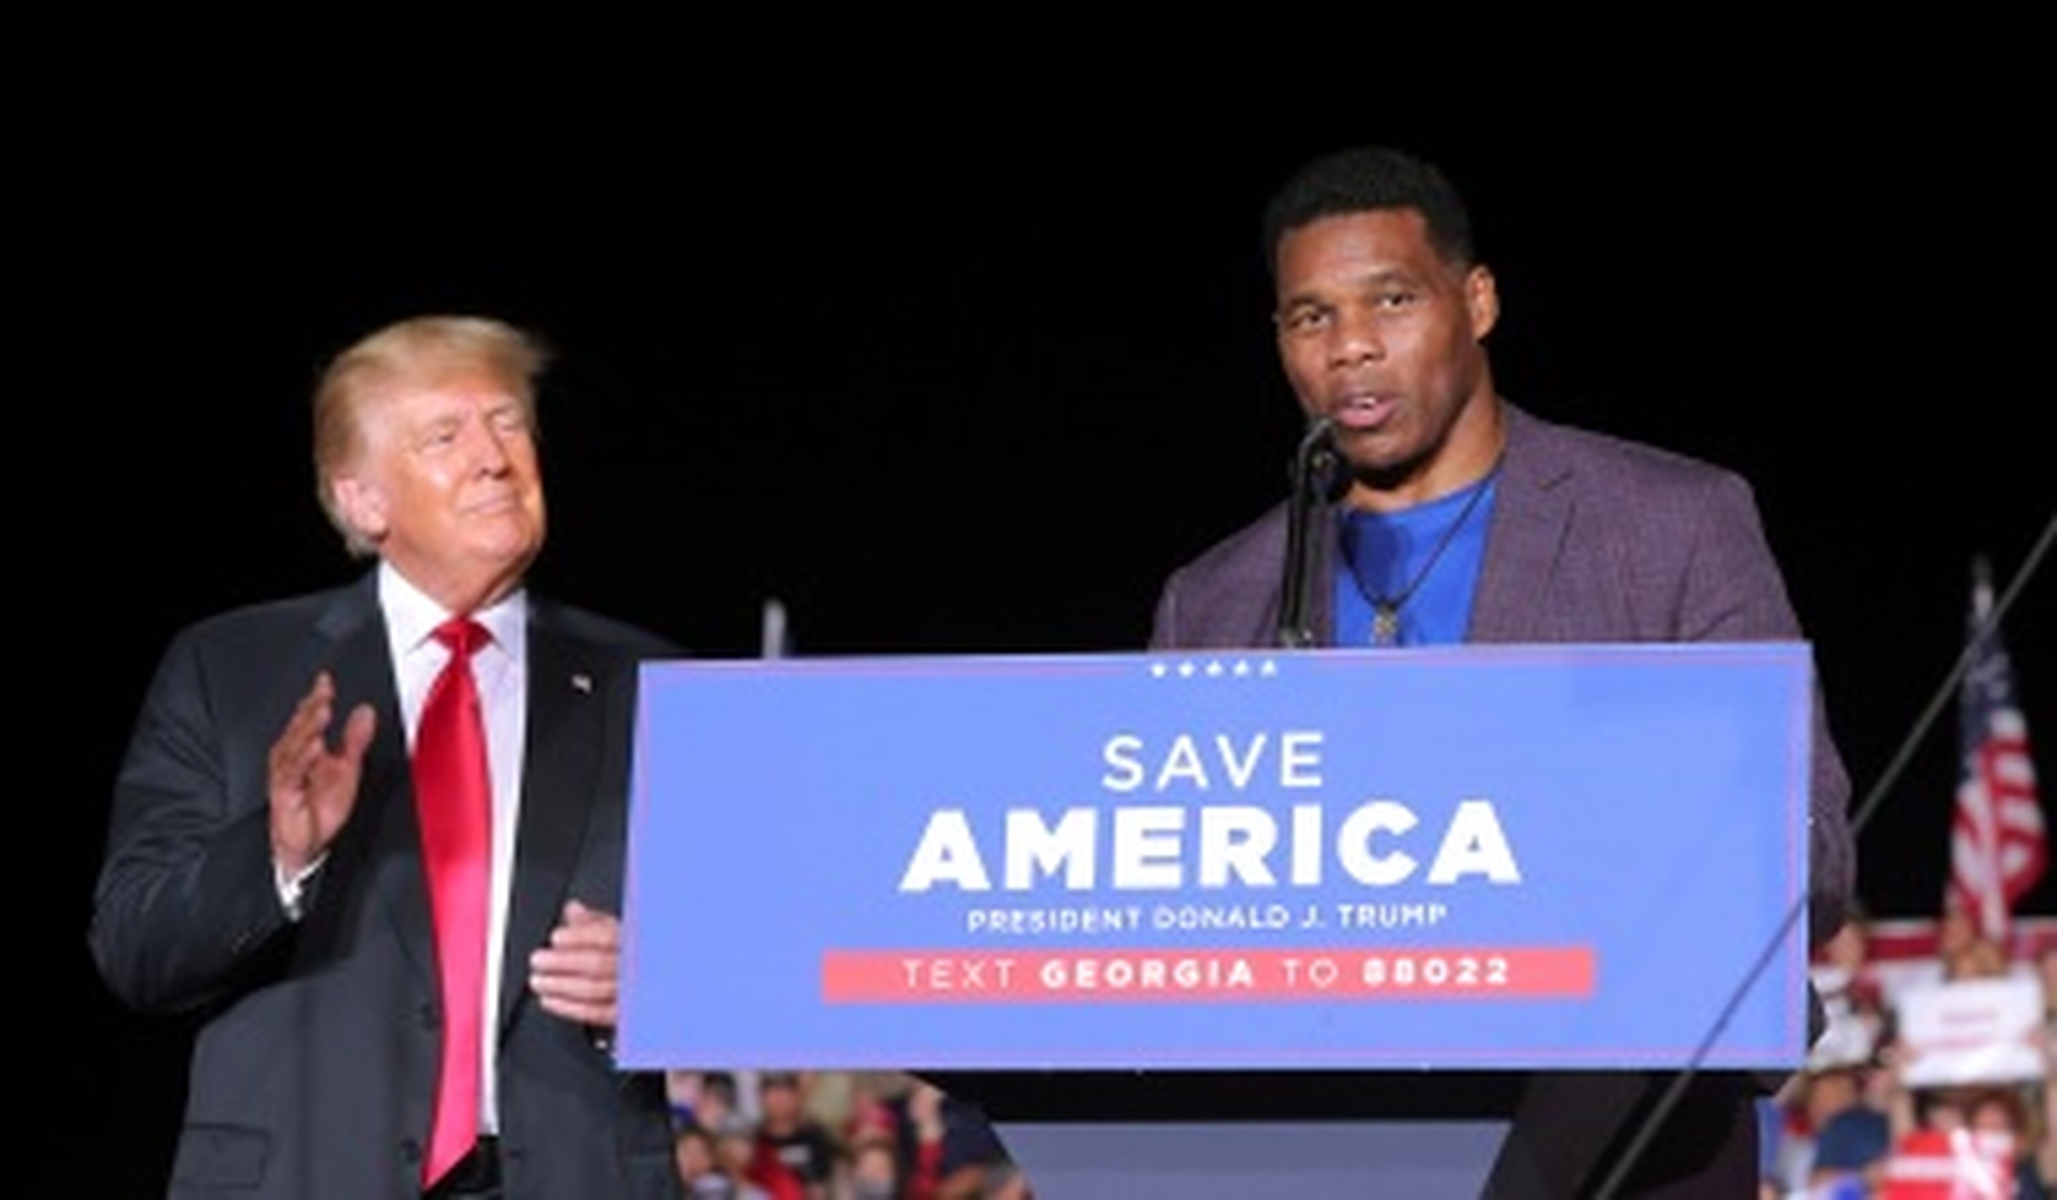 McConnell Endorses Trump Ally Herschel Walker after Months of Establishment Skepticism